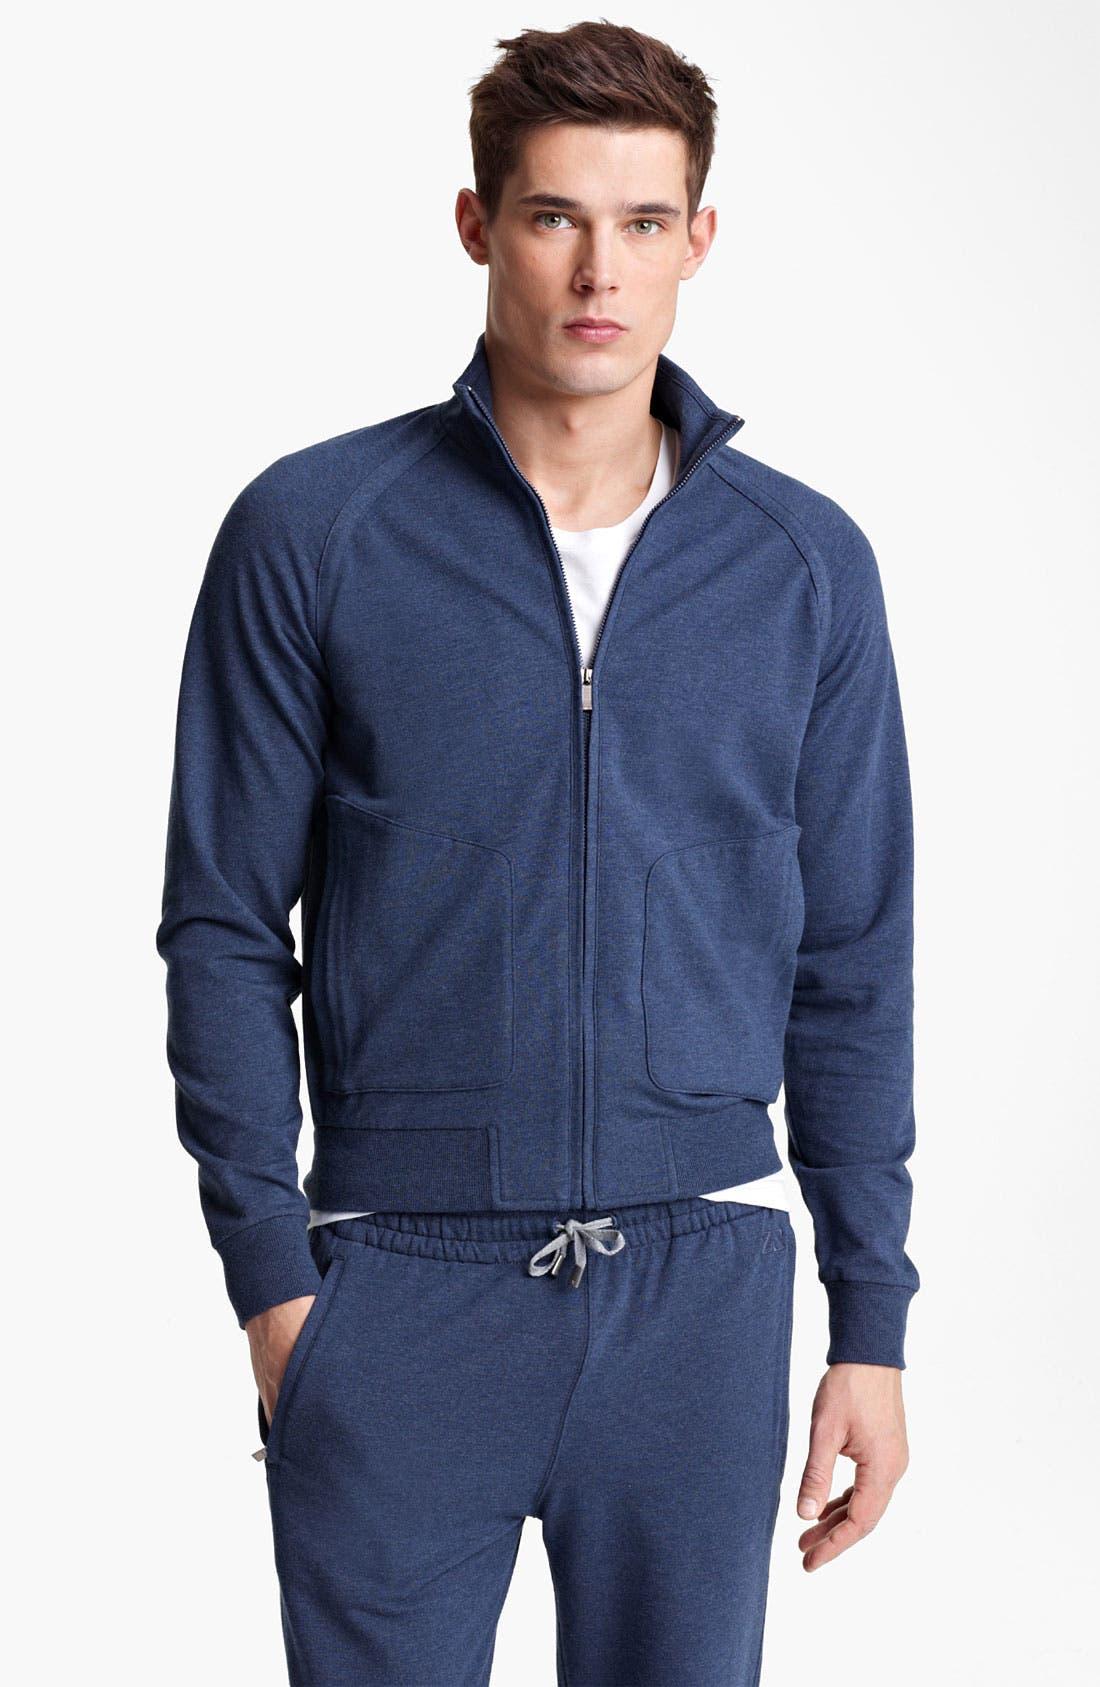 Alternate Image 1 Selected - Zegna Sport Zip Front Sweatshirt